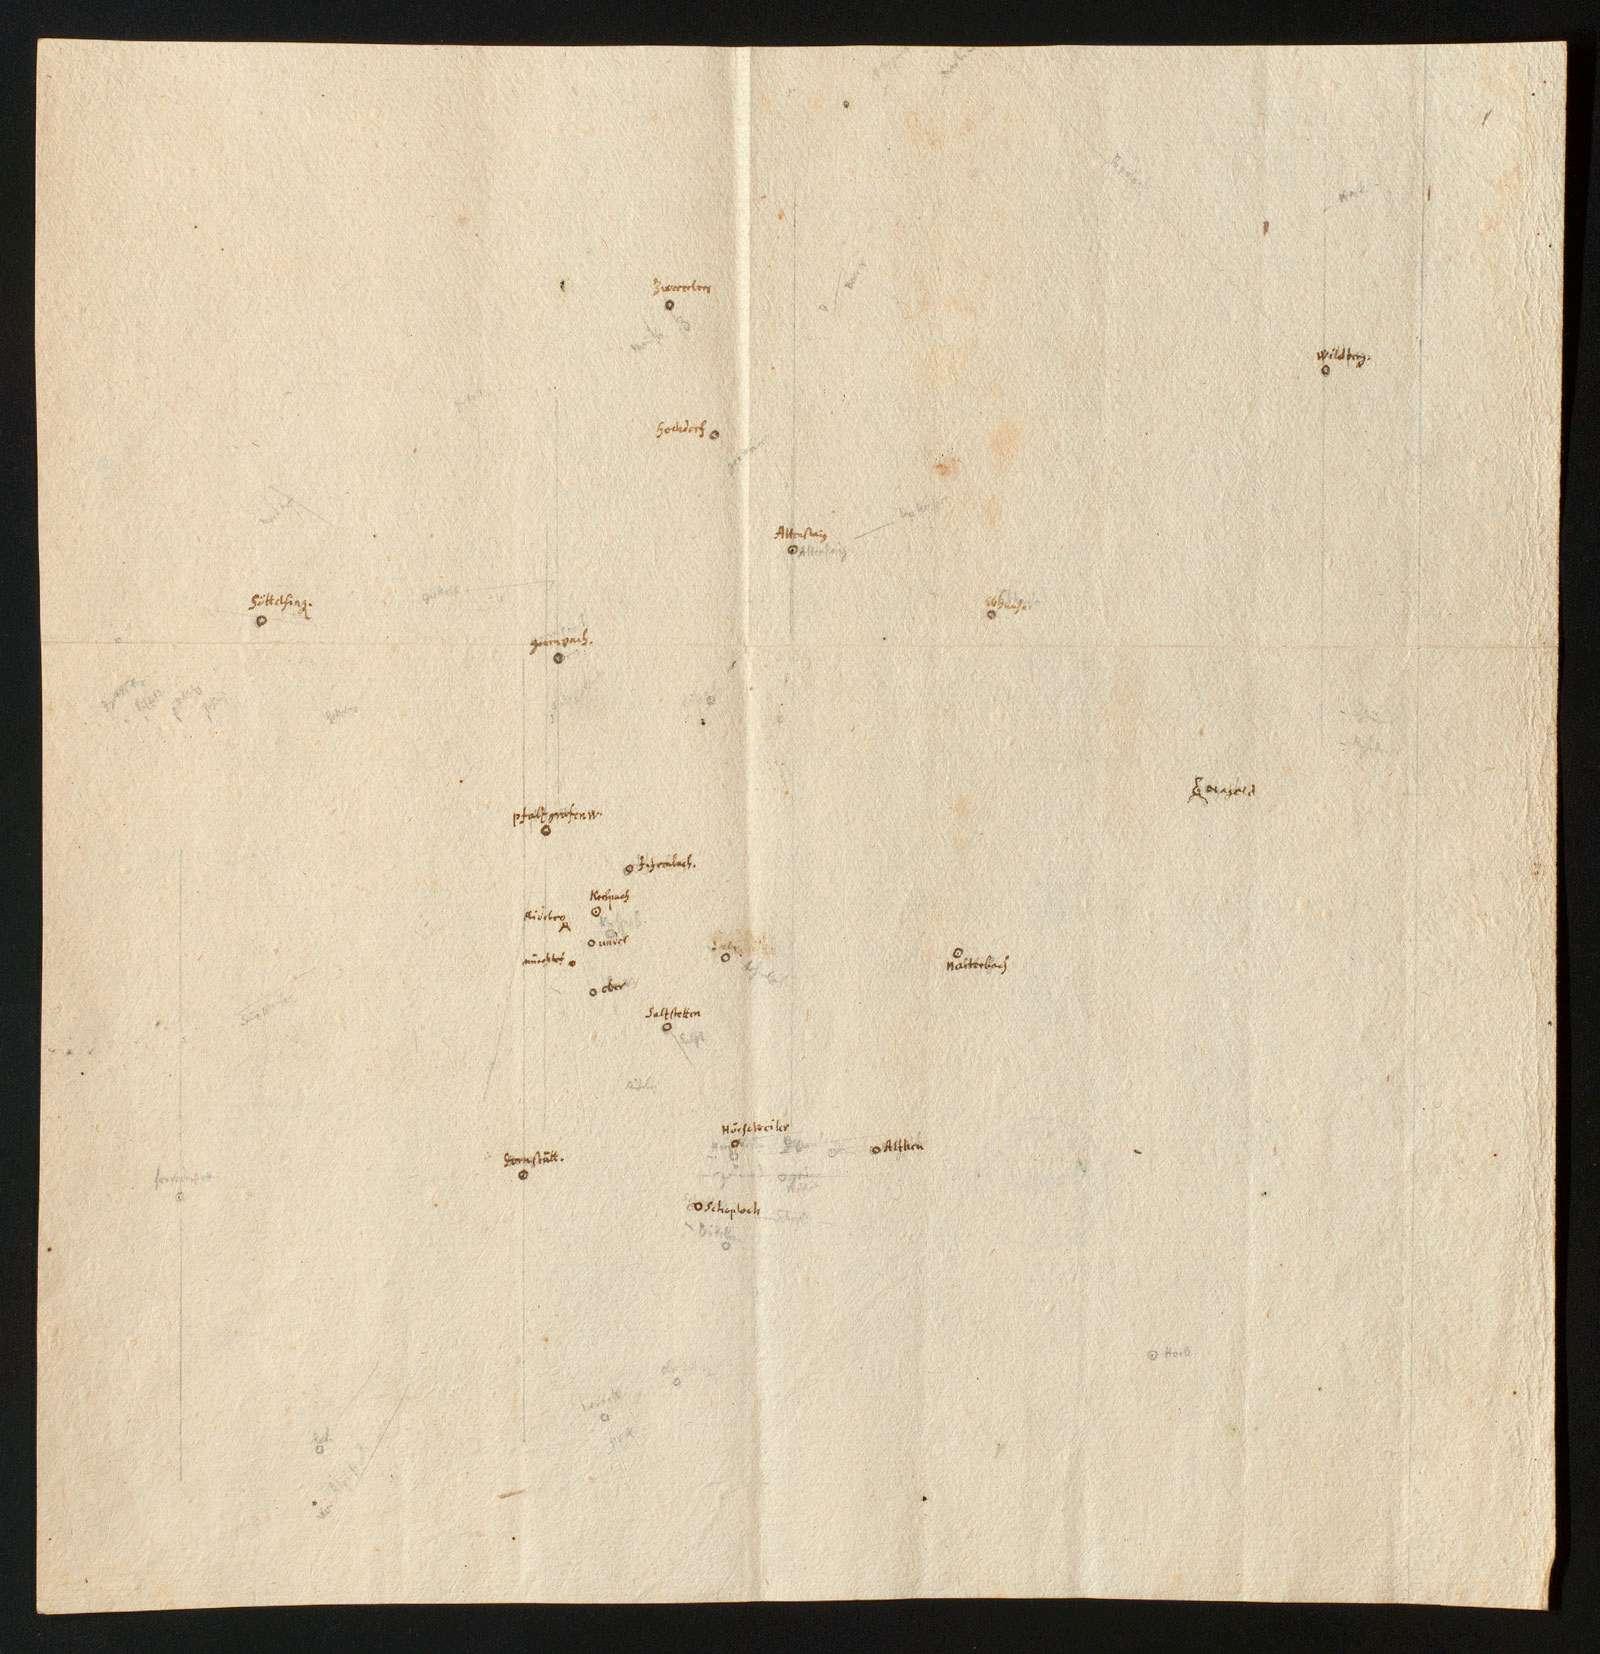 [Konzept zu einer Karte des Gebietes zwischen Murg und Nagold], Bild 1